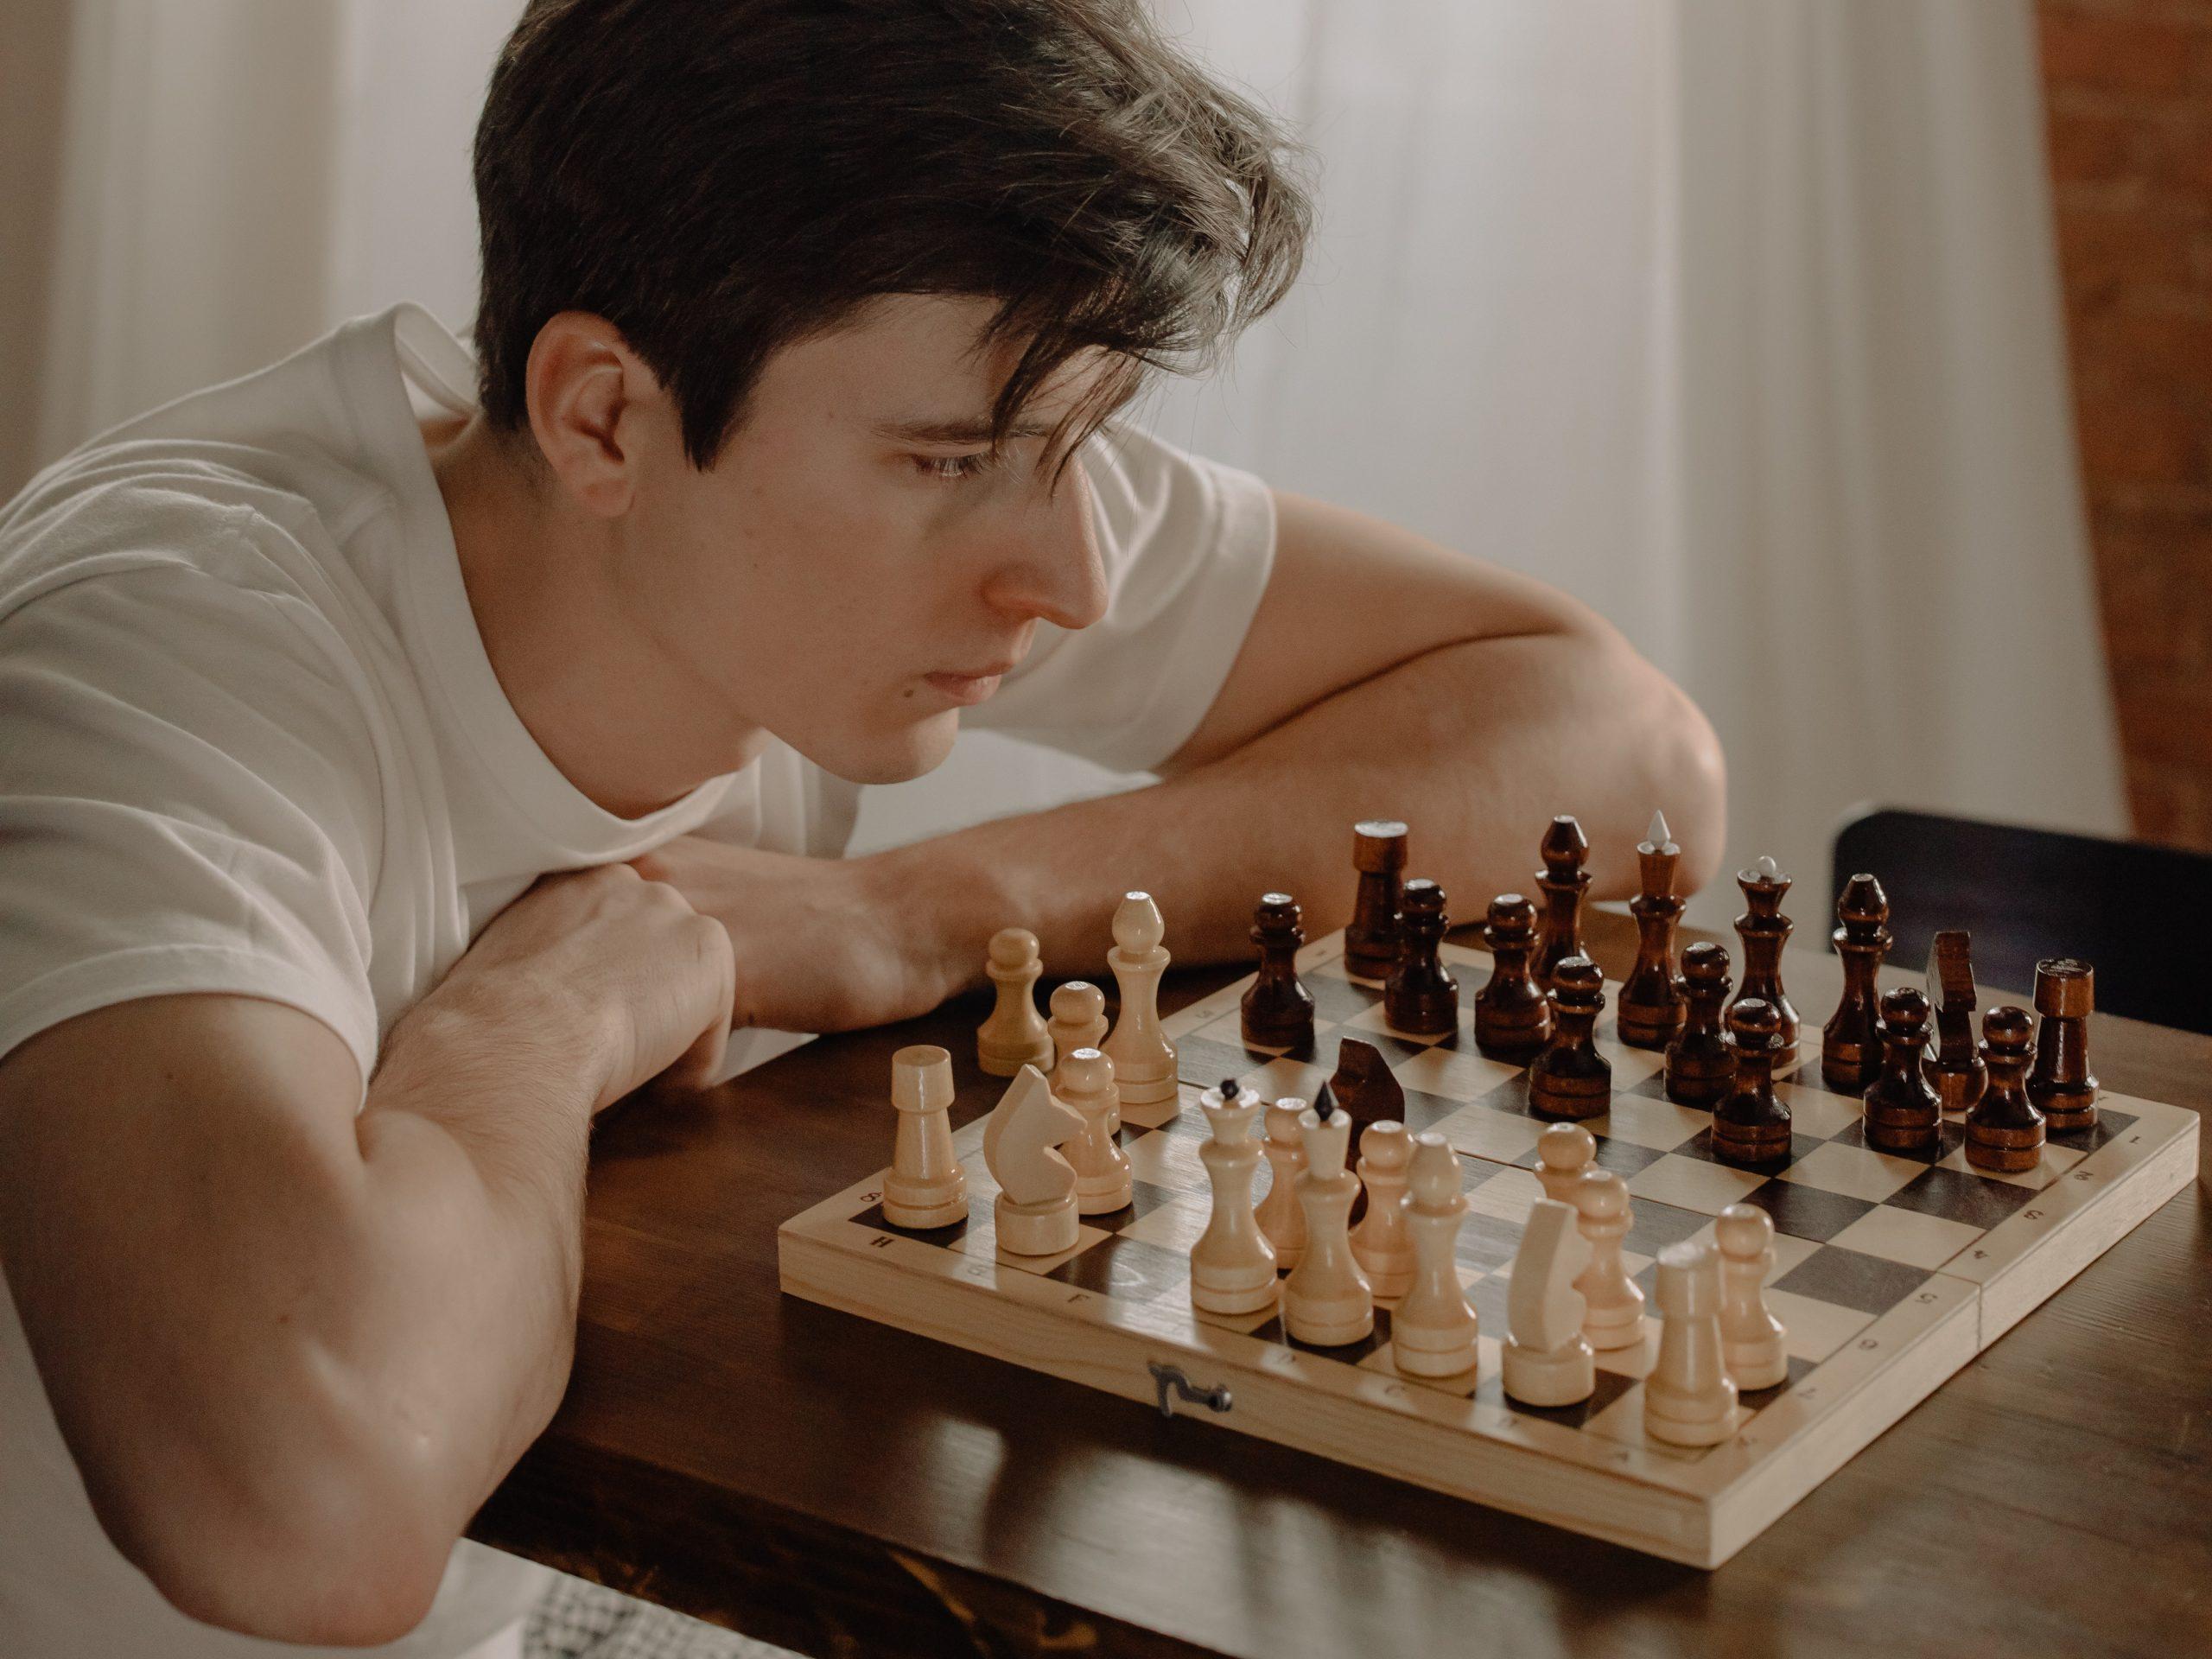 jugar ajedrez gratis online